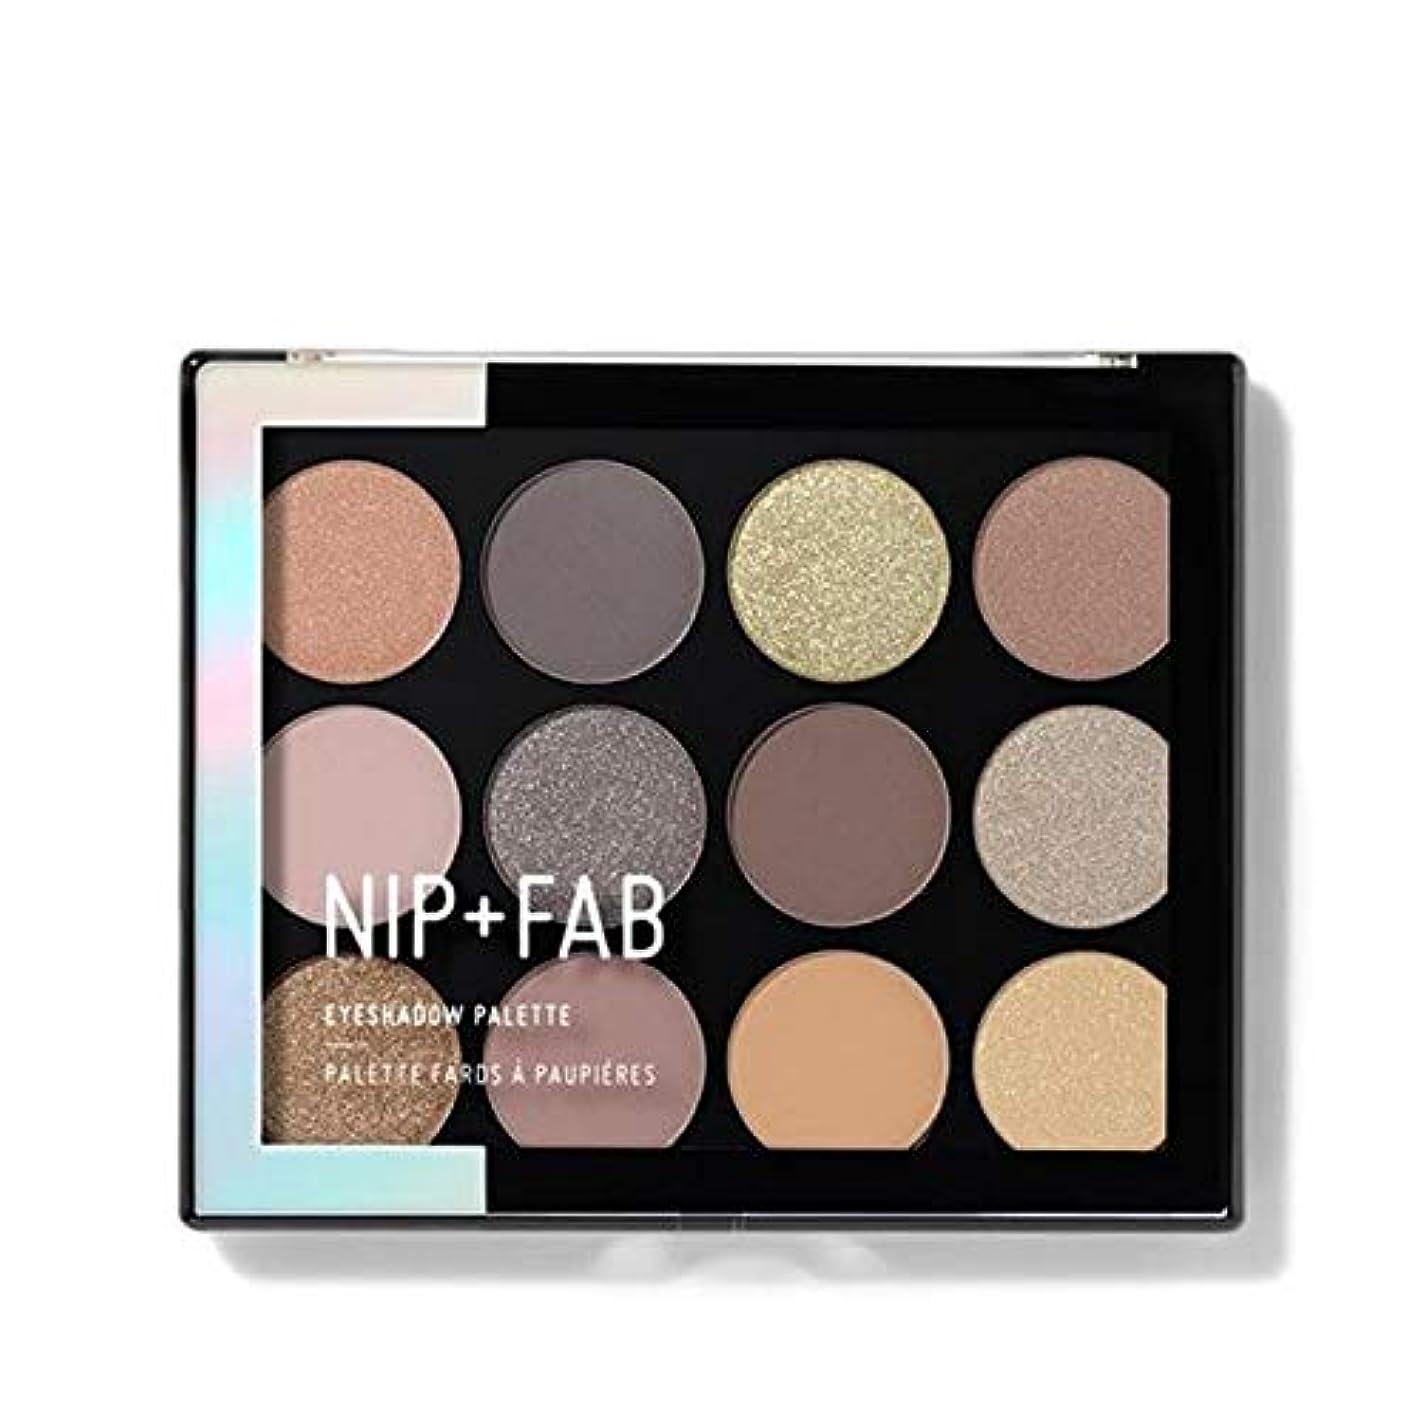 高価な懐疑的詐欺師[Nip & Fab ] アイシャドウパレット12グラム穏やかグラム4を構成するFab +ニップ - NIP+FAB Make Up Eyeshadow Palette 12g Gentle Glam 4 [並行輸入品]